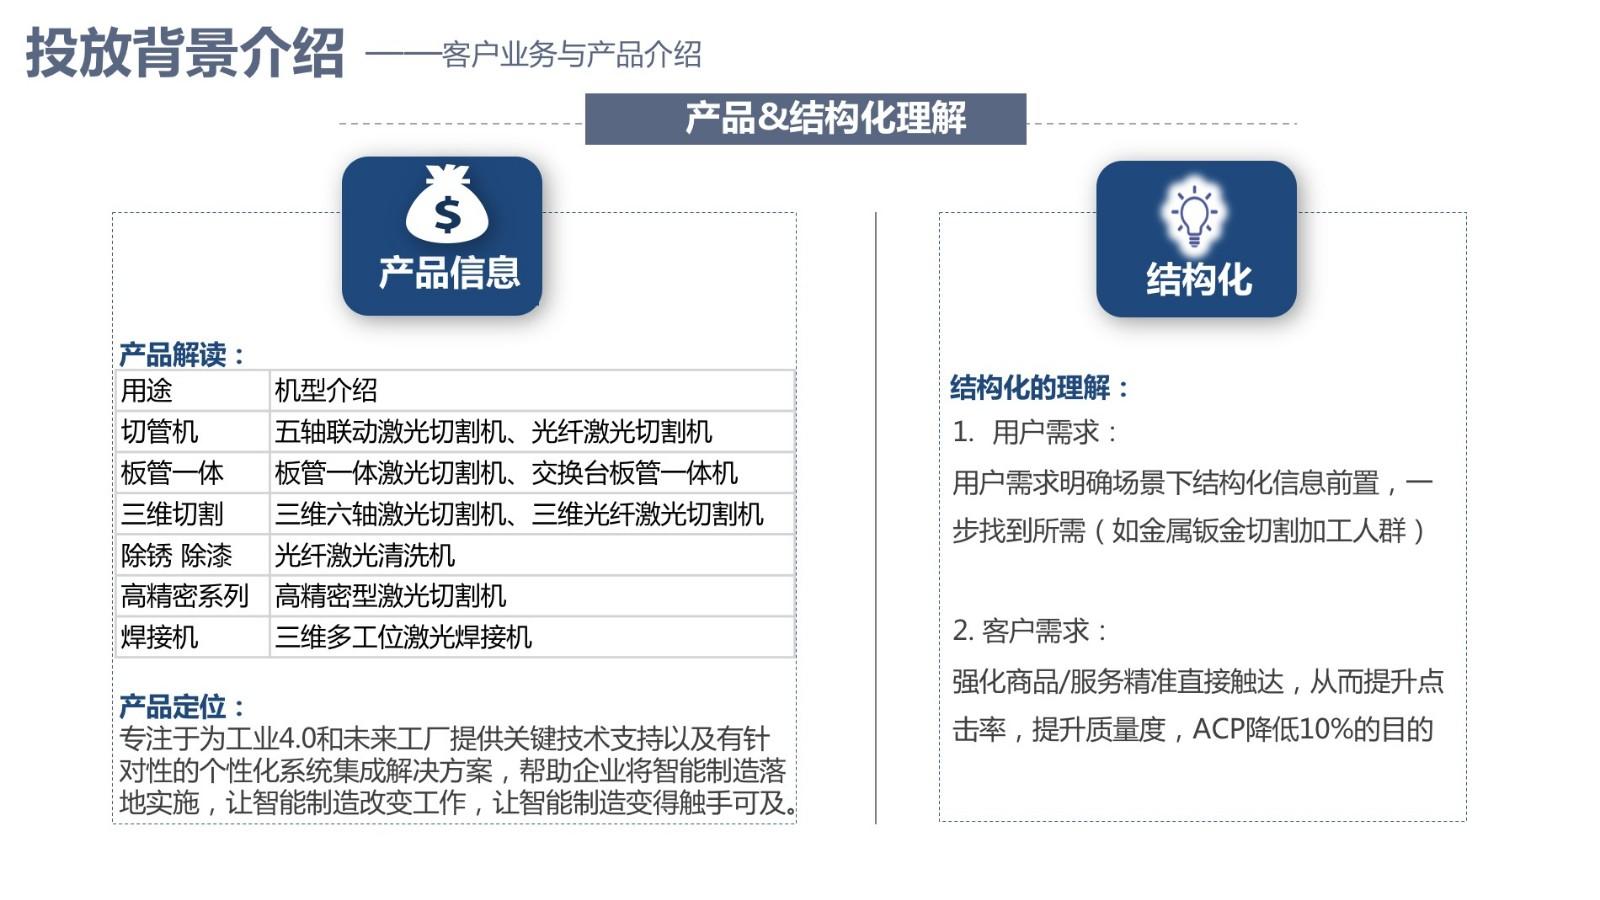 苏州百度推广账户管理菜根谭公司,机械设备行业广告主提升点击、降成本的奥秘